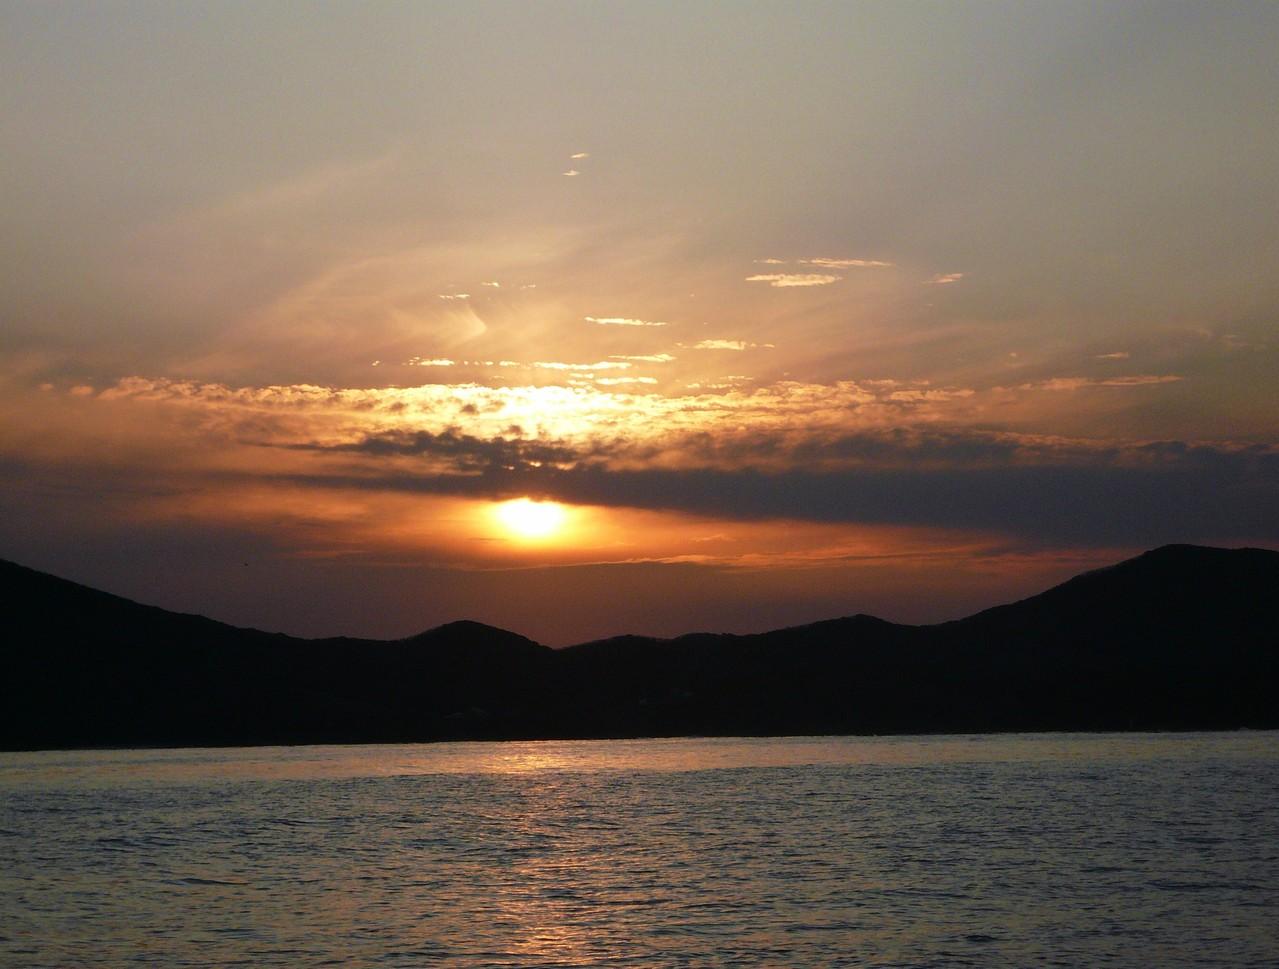 12月27日 久しぶりの夕日(殿崎) 陽が沈むまで 粘ったが釣果悪し